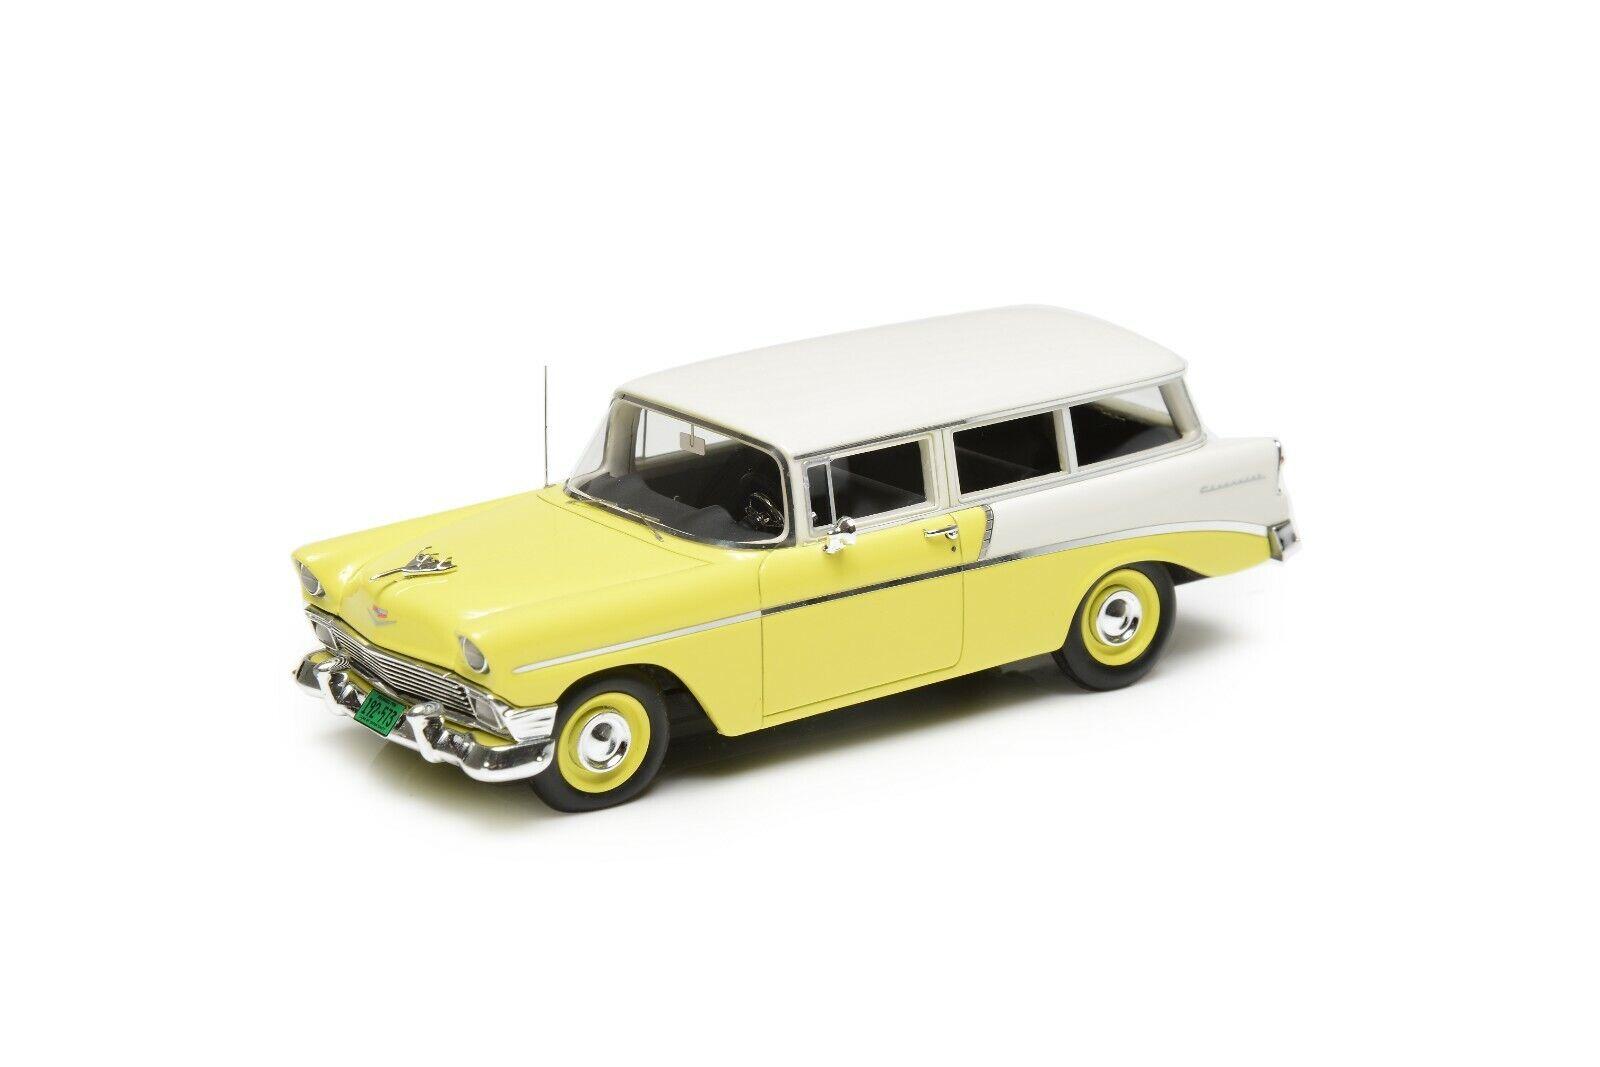 Tienda 2018 Esval modelos Edición Limitada 1956 Chevrolet 210 Handyman Cochero Cochero Cochero de 2 puertas Amarillo 1 43 modelo de resina  online barato